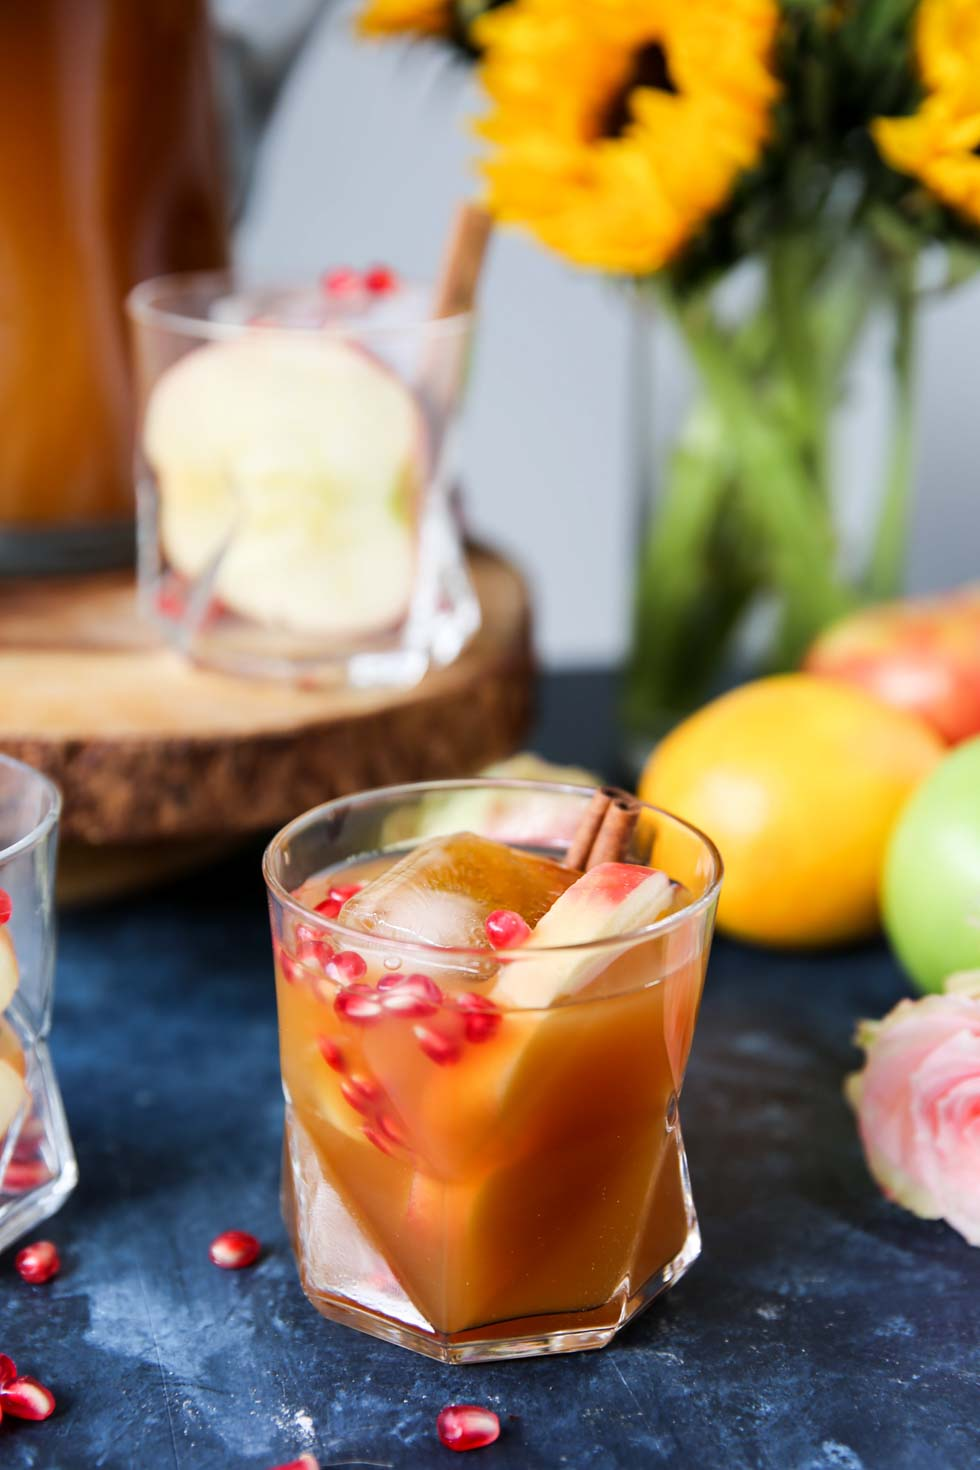 Apple Cider Vodka Punch